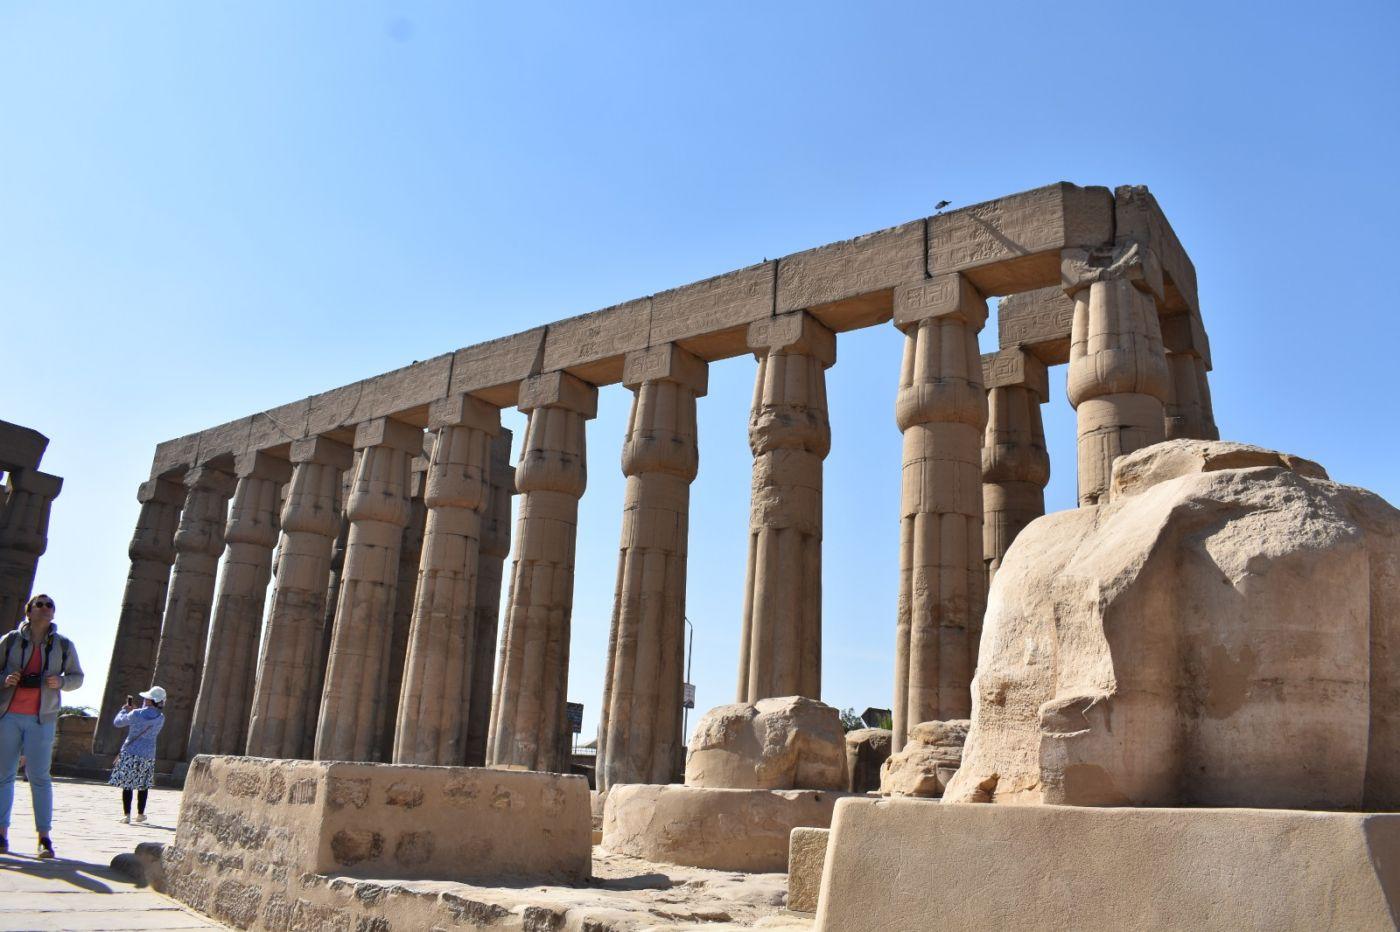 埃德富神庙和卢克索神庙_图1-34